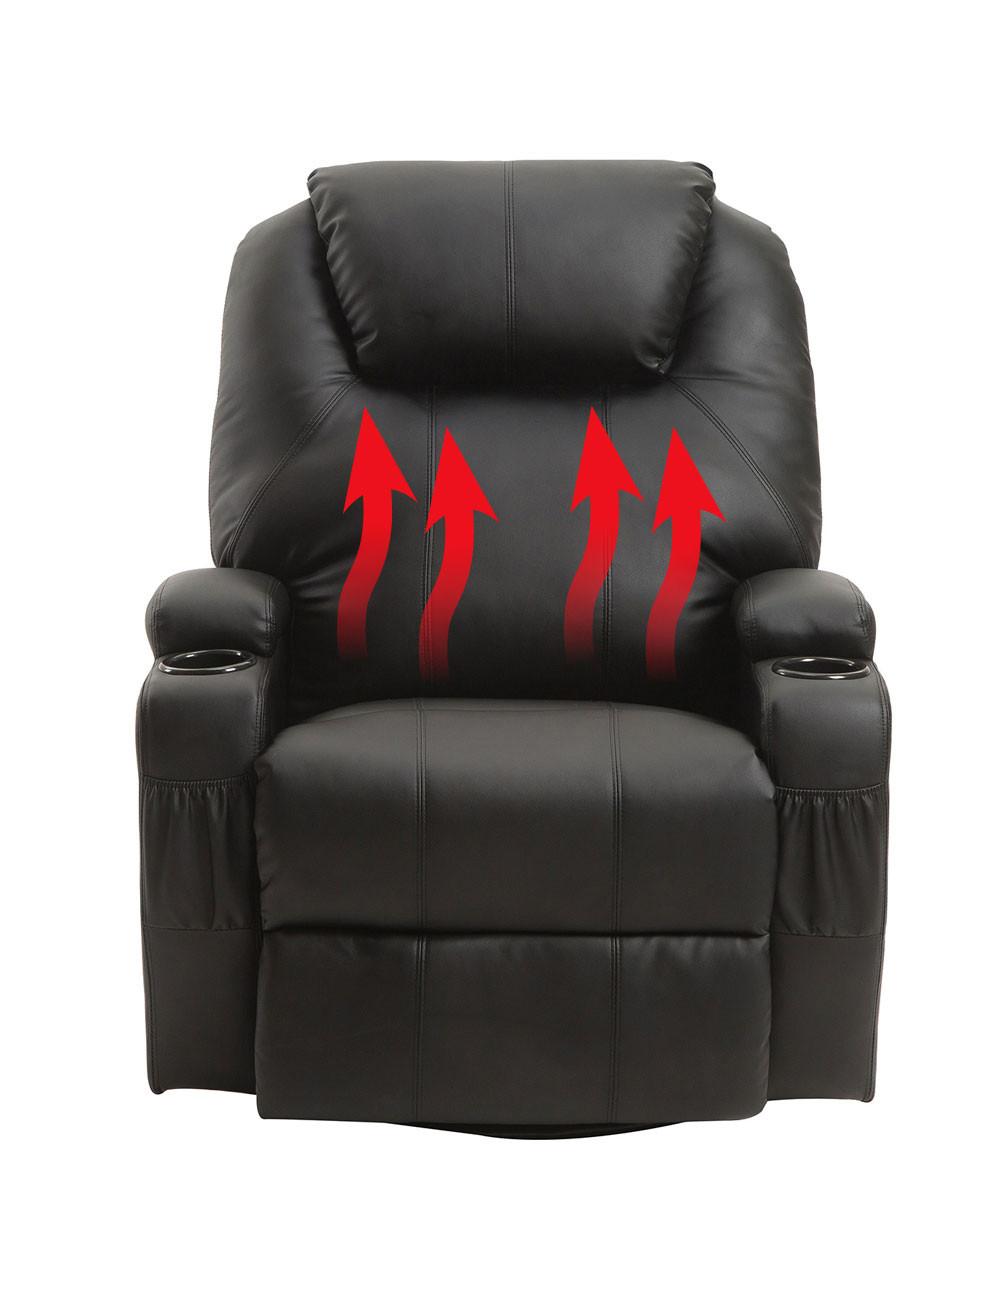 Elektrischer Sessel  Elektrischer Sessel mit Wärme und Massagefunktion